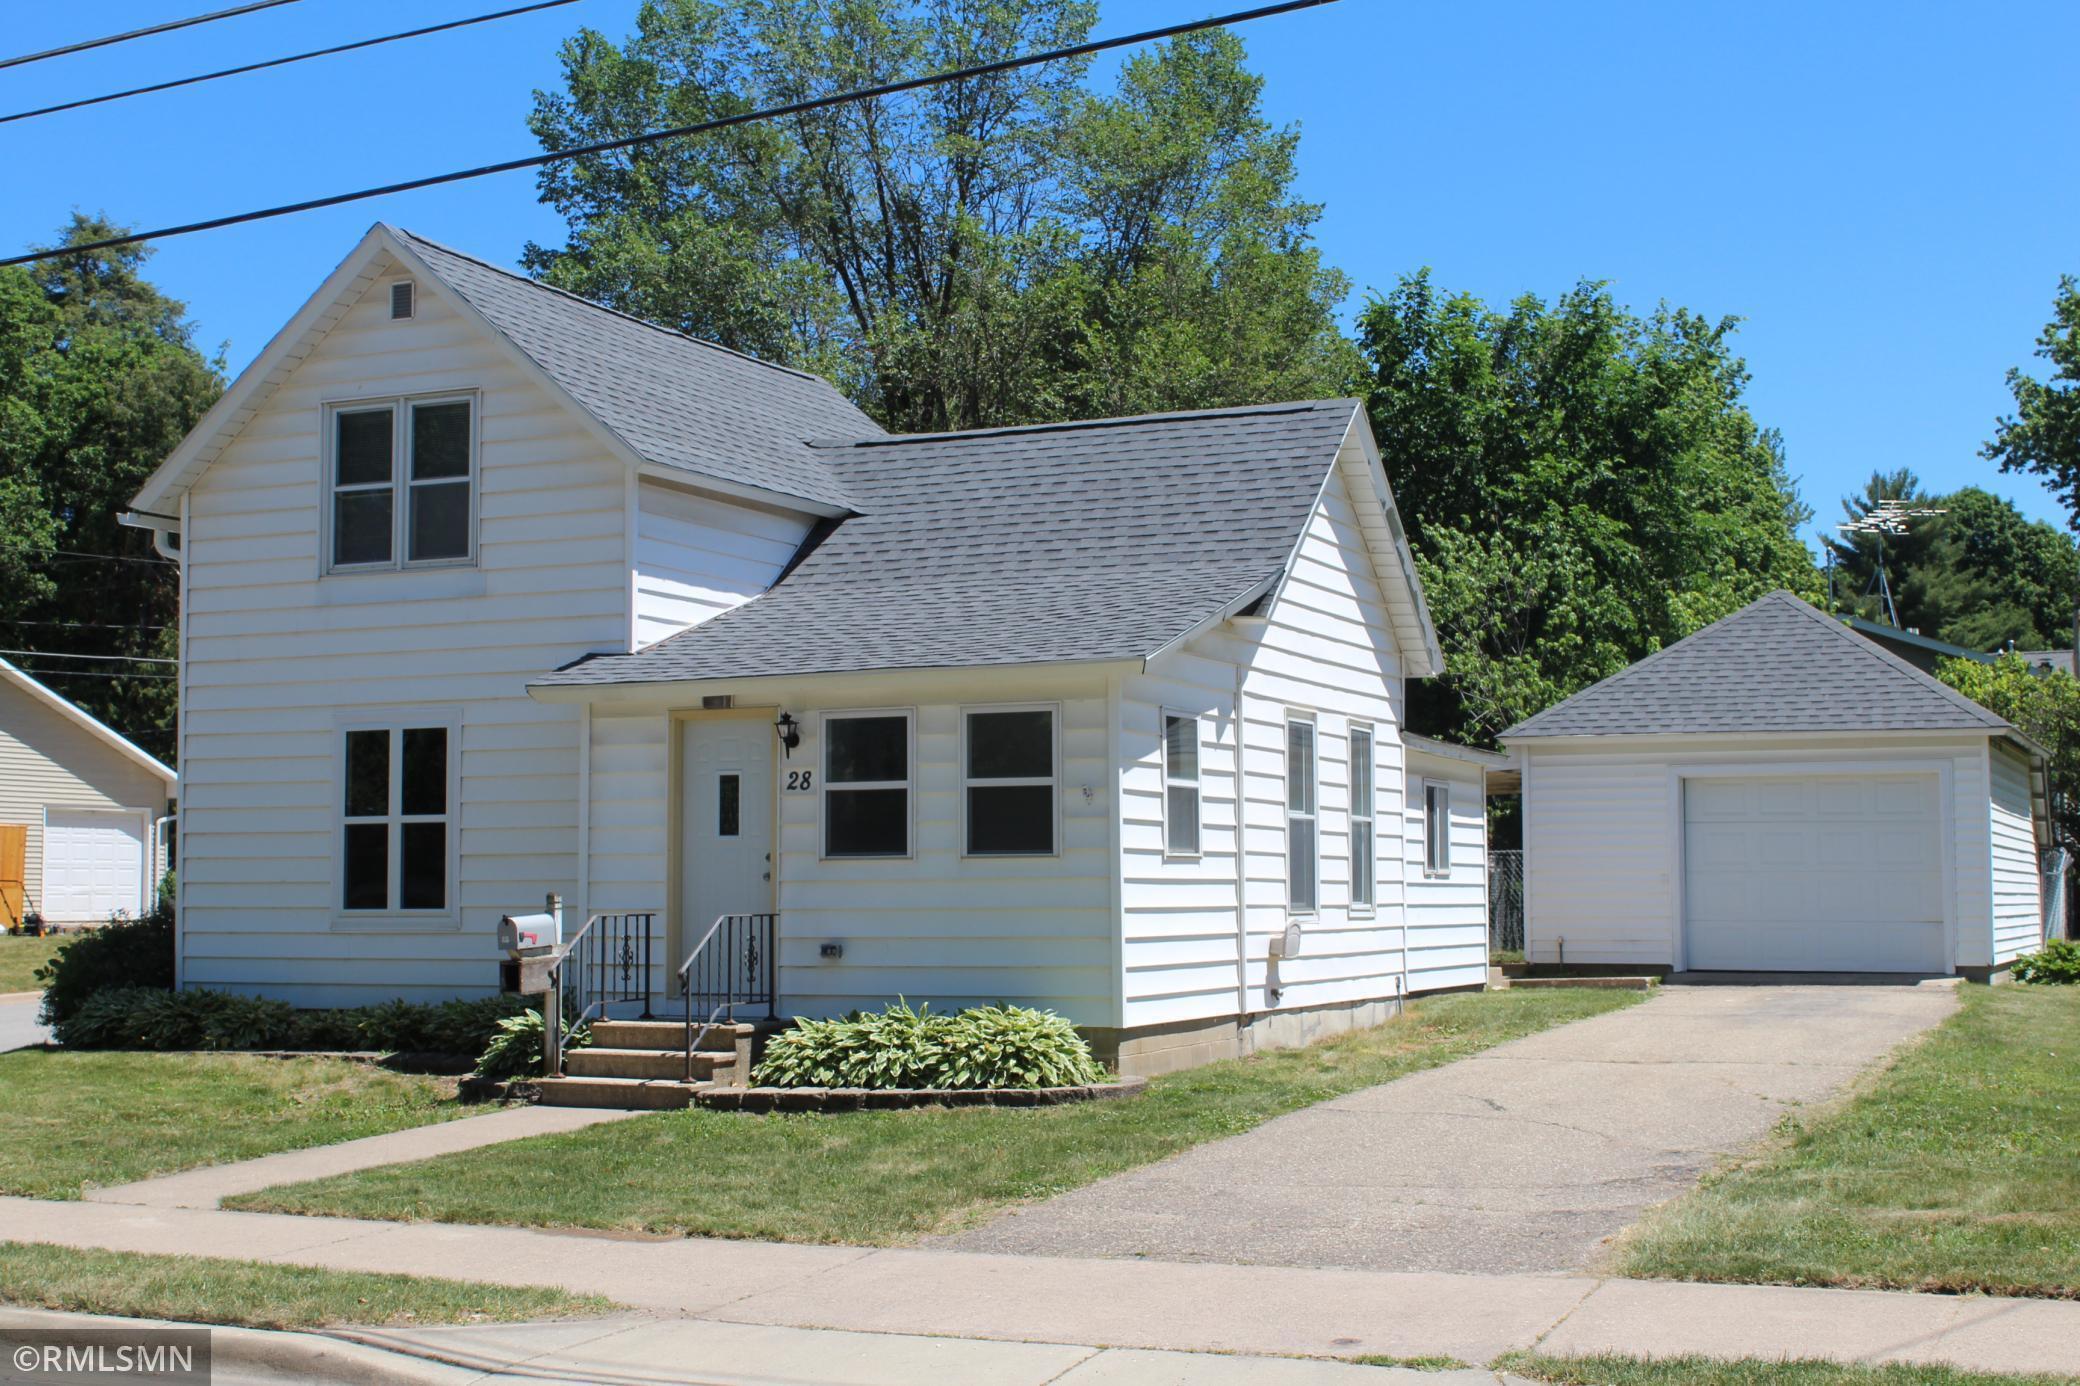 28 Burr Oak Avenue NE, Chatfield, MN 55923